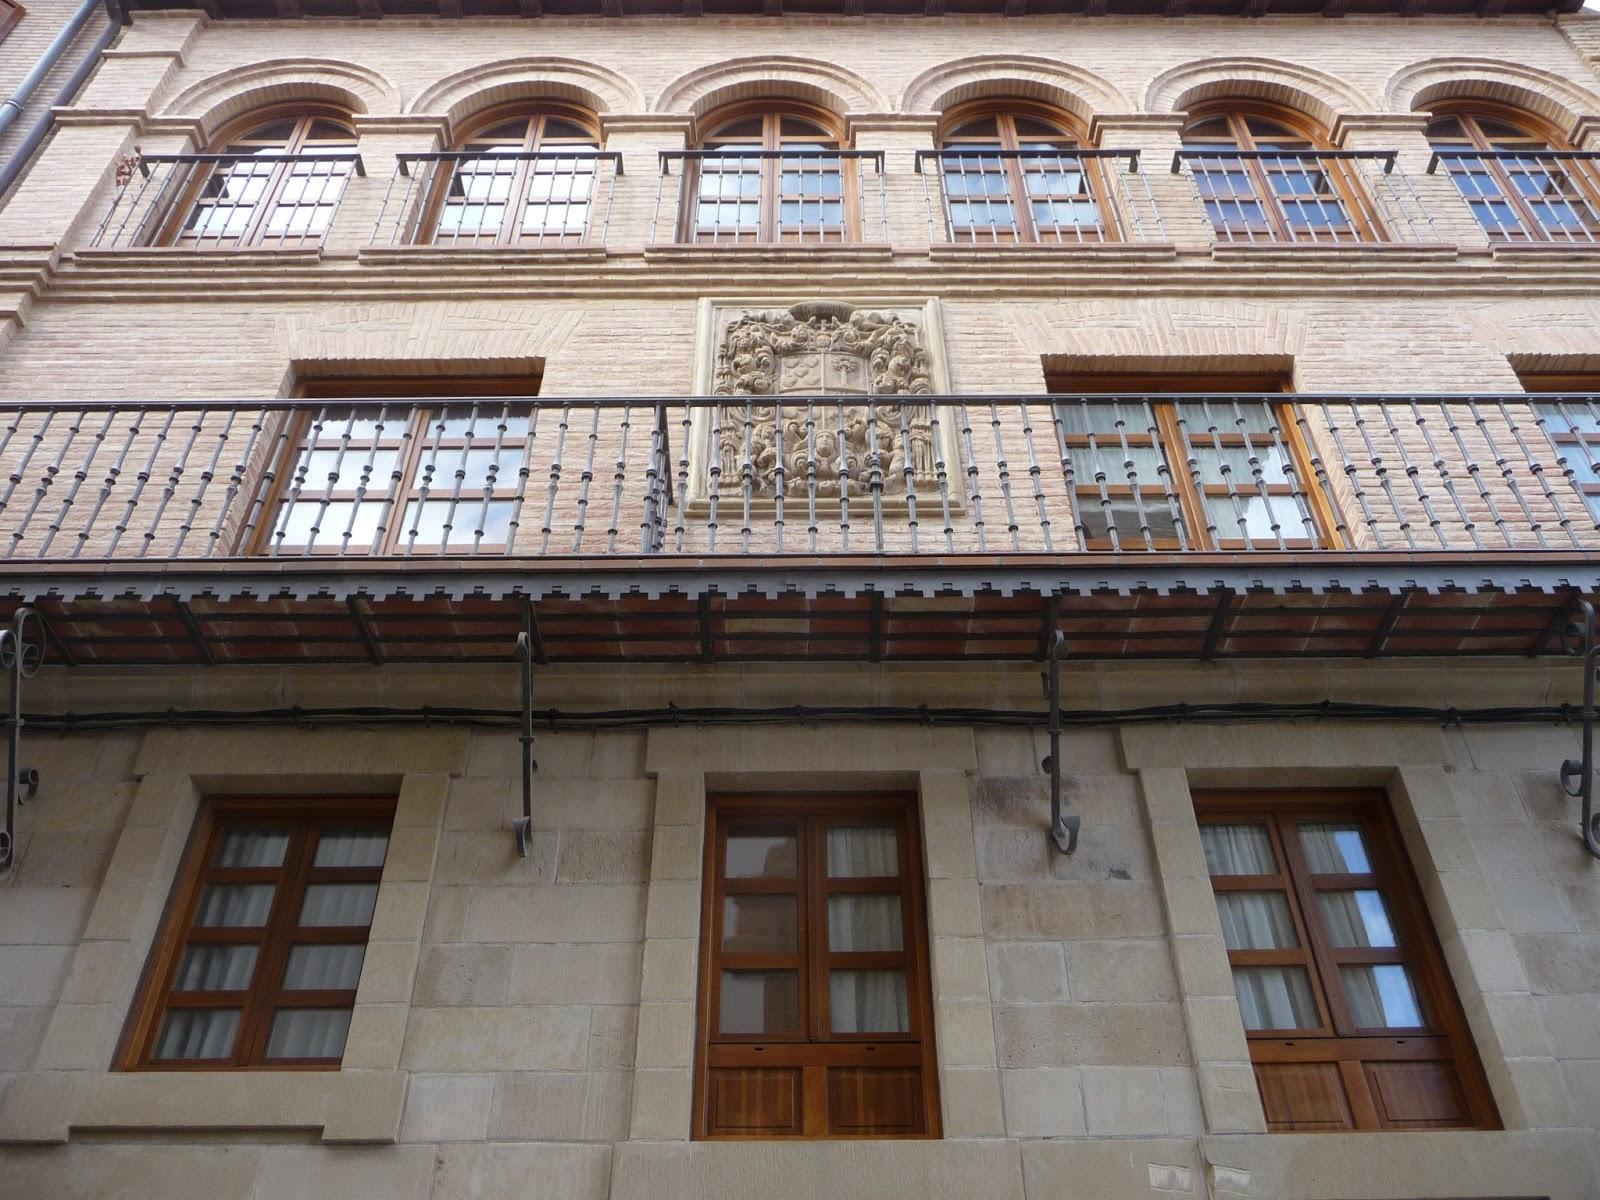 Viana digital archive callejeando 1 rua de santa mar a for Cuarto creciente zaragoza